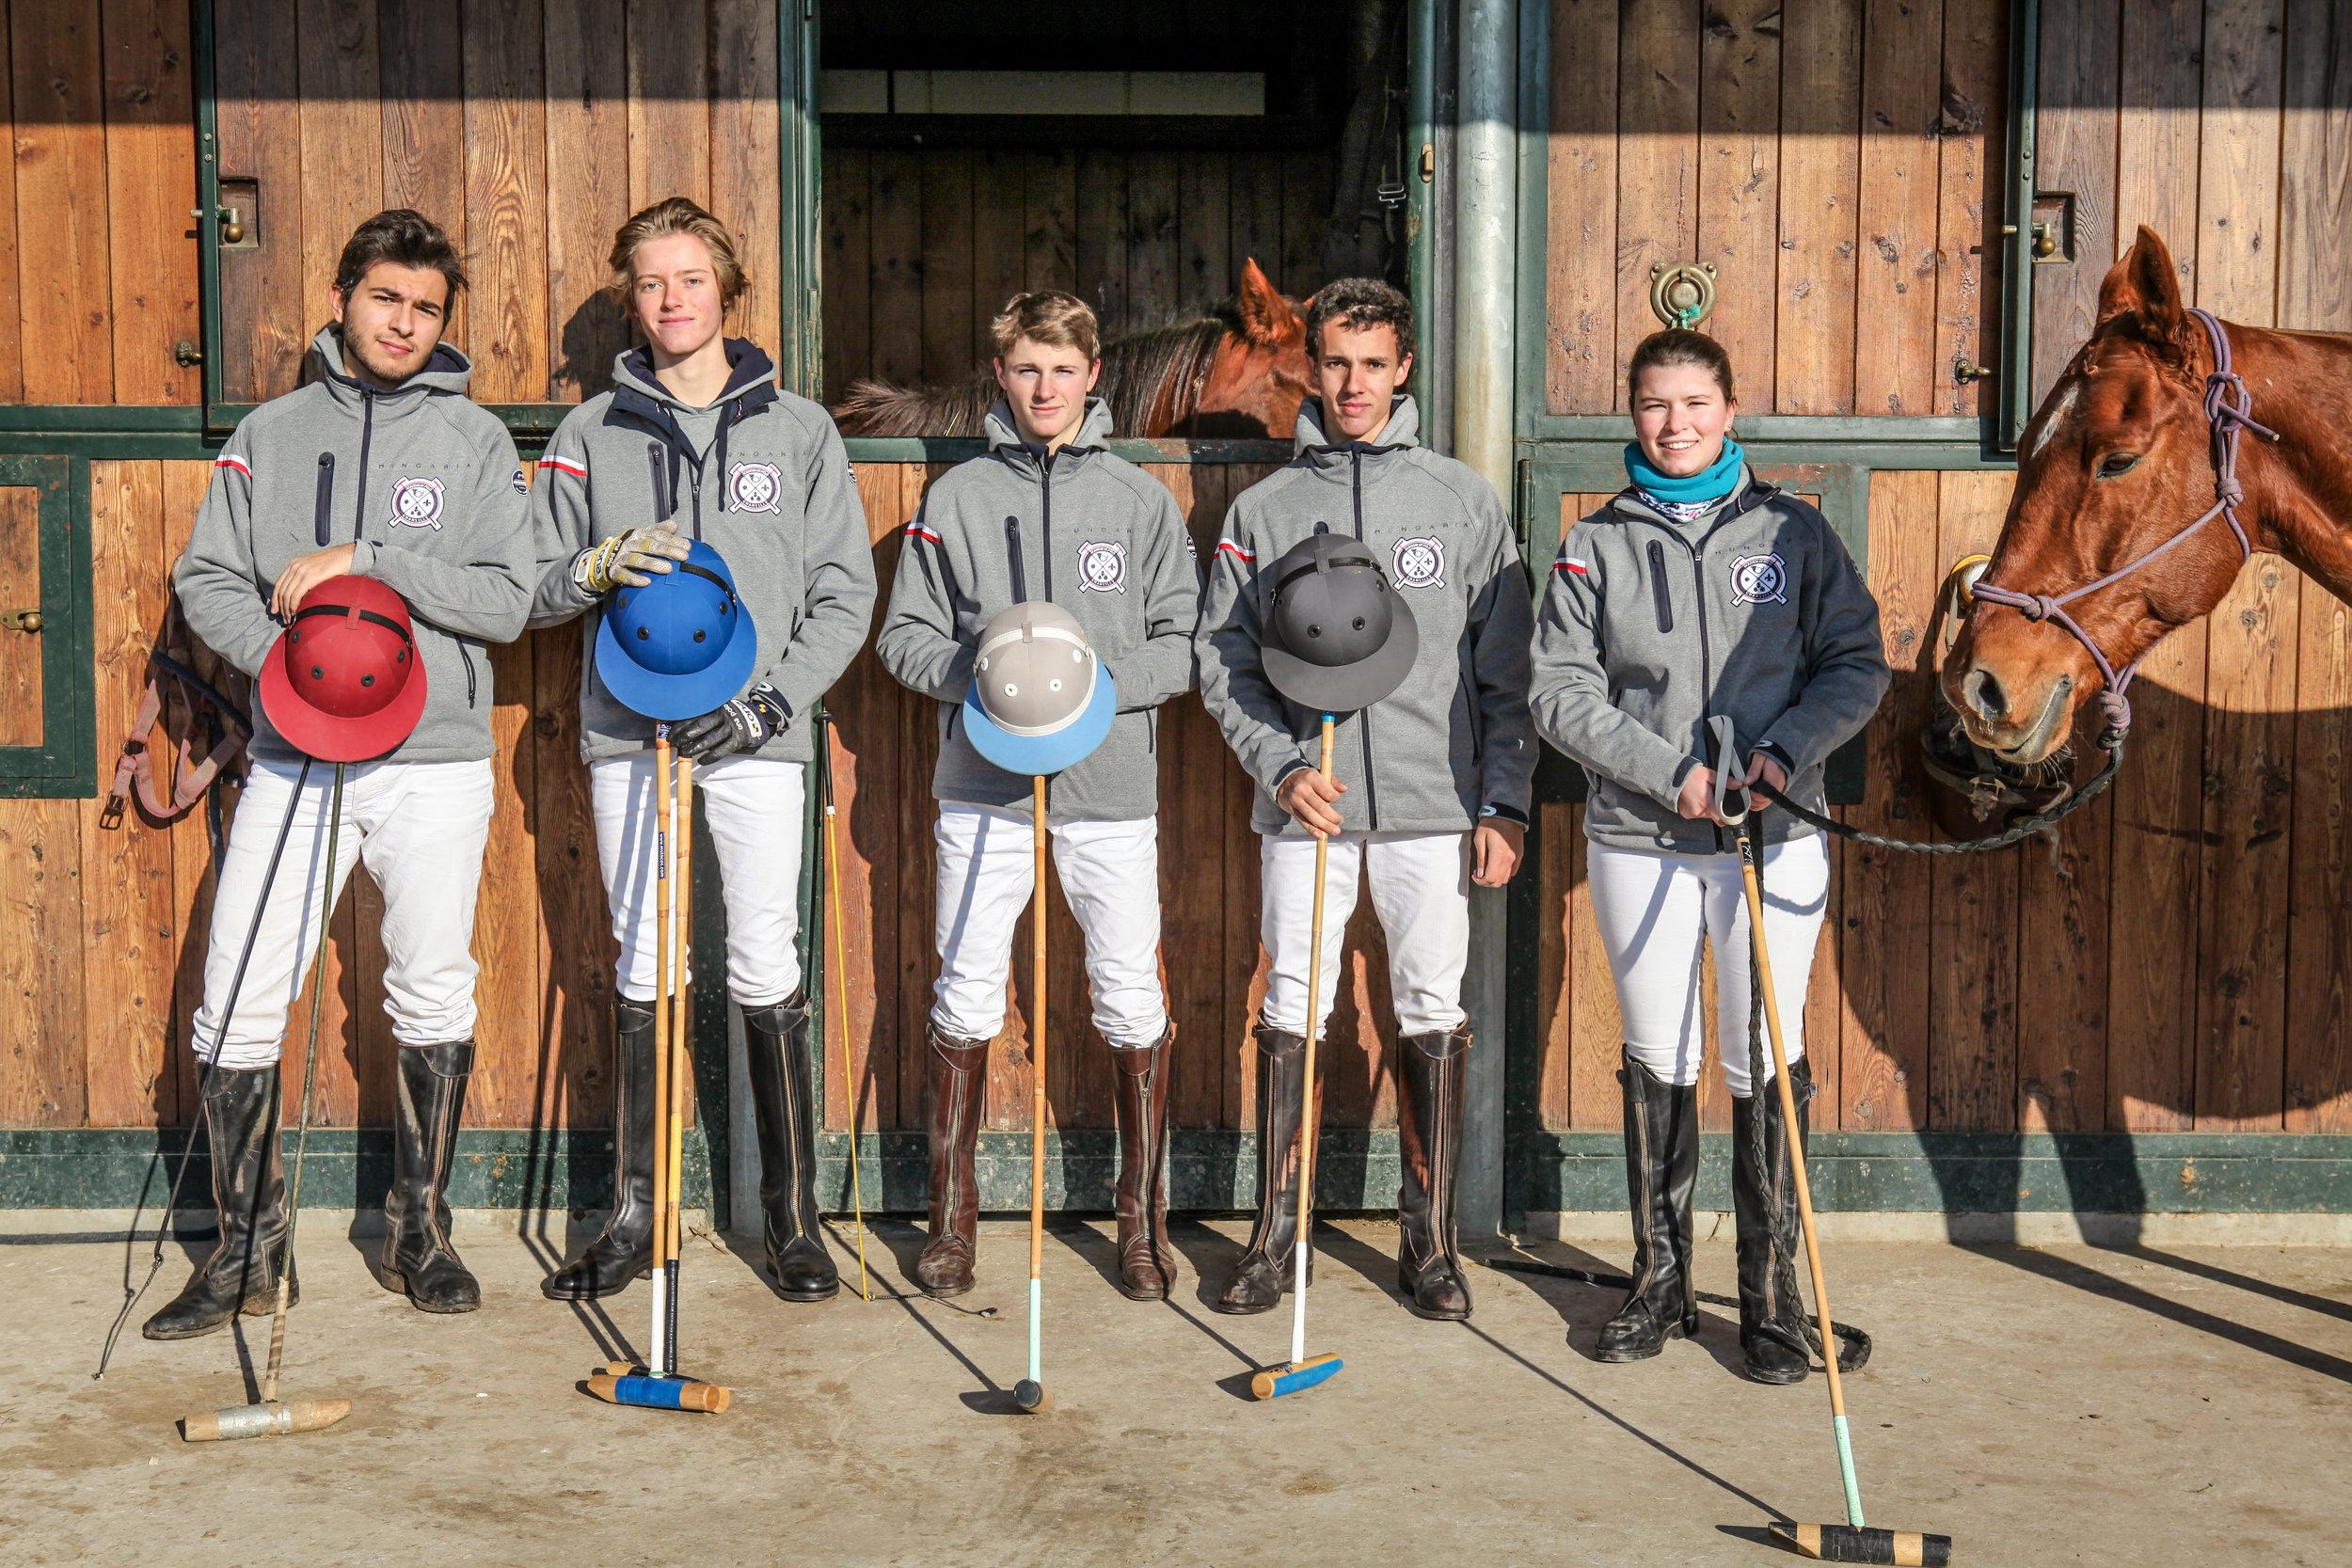 Académie de polo du Polo Club du Domaine de Chantilly   Polo Academy at Chantilly Polo Club